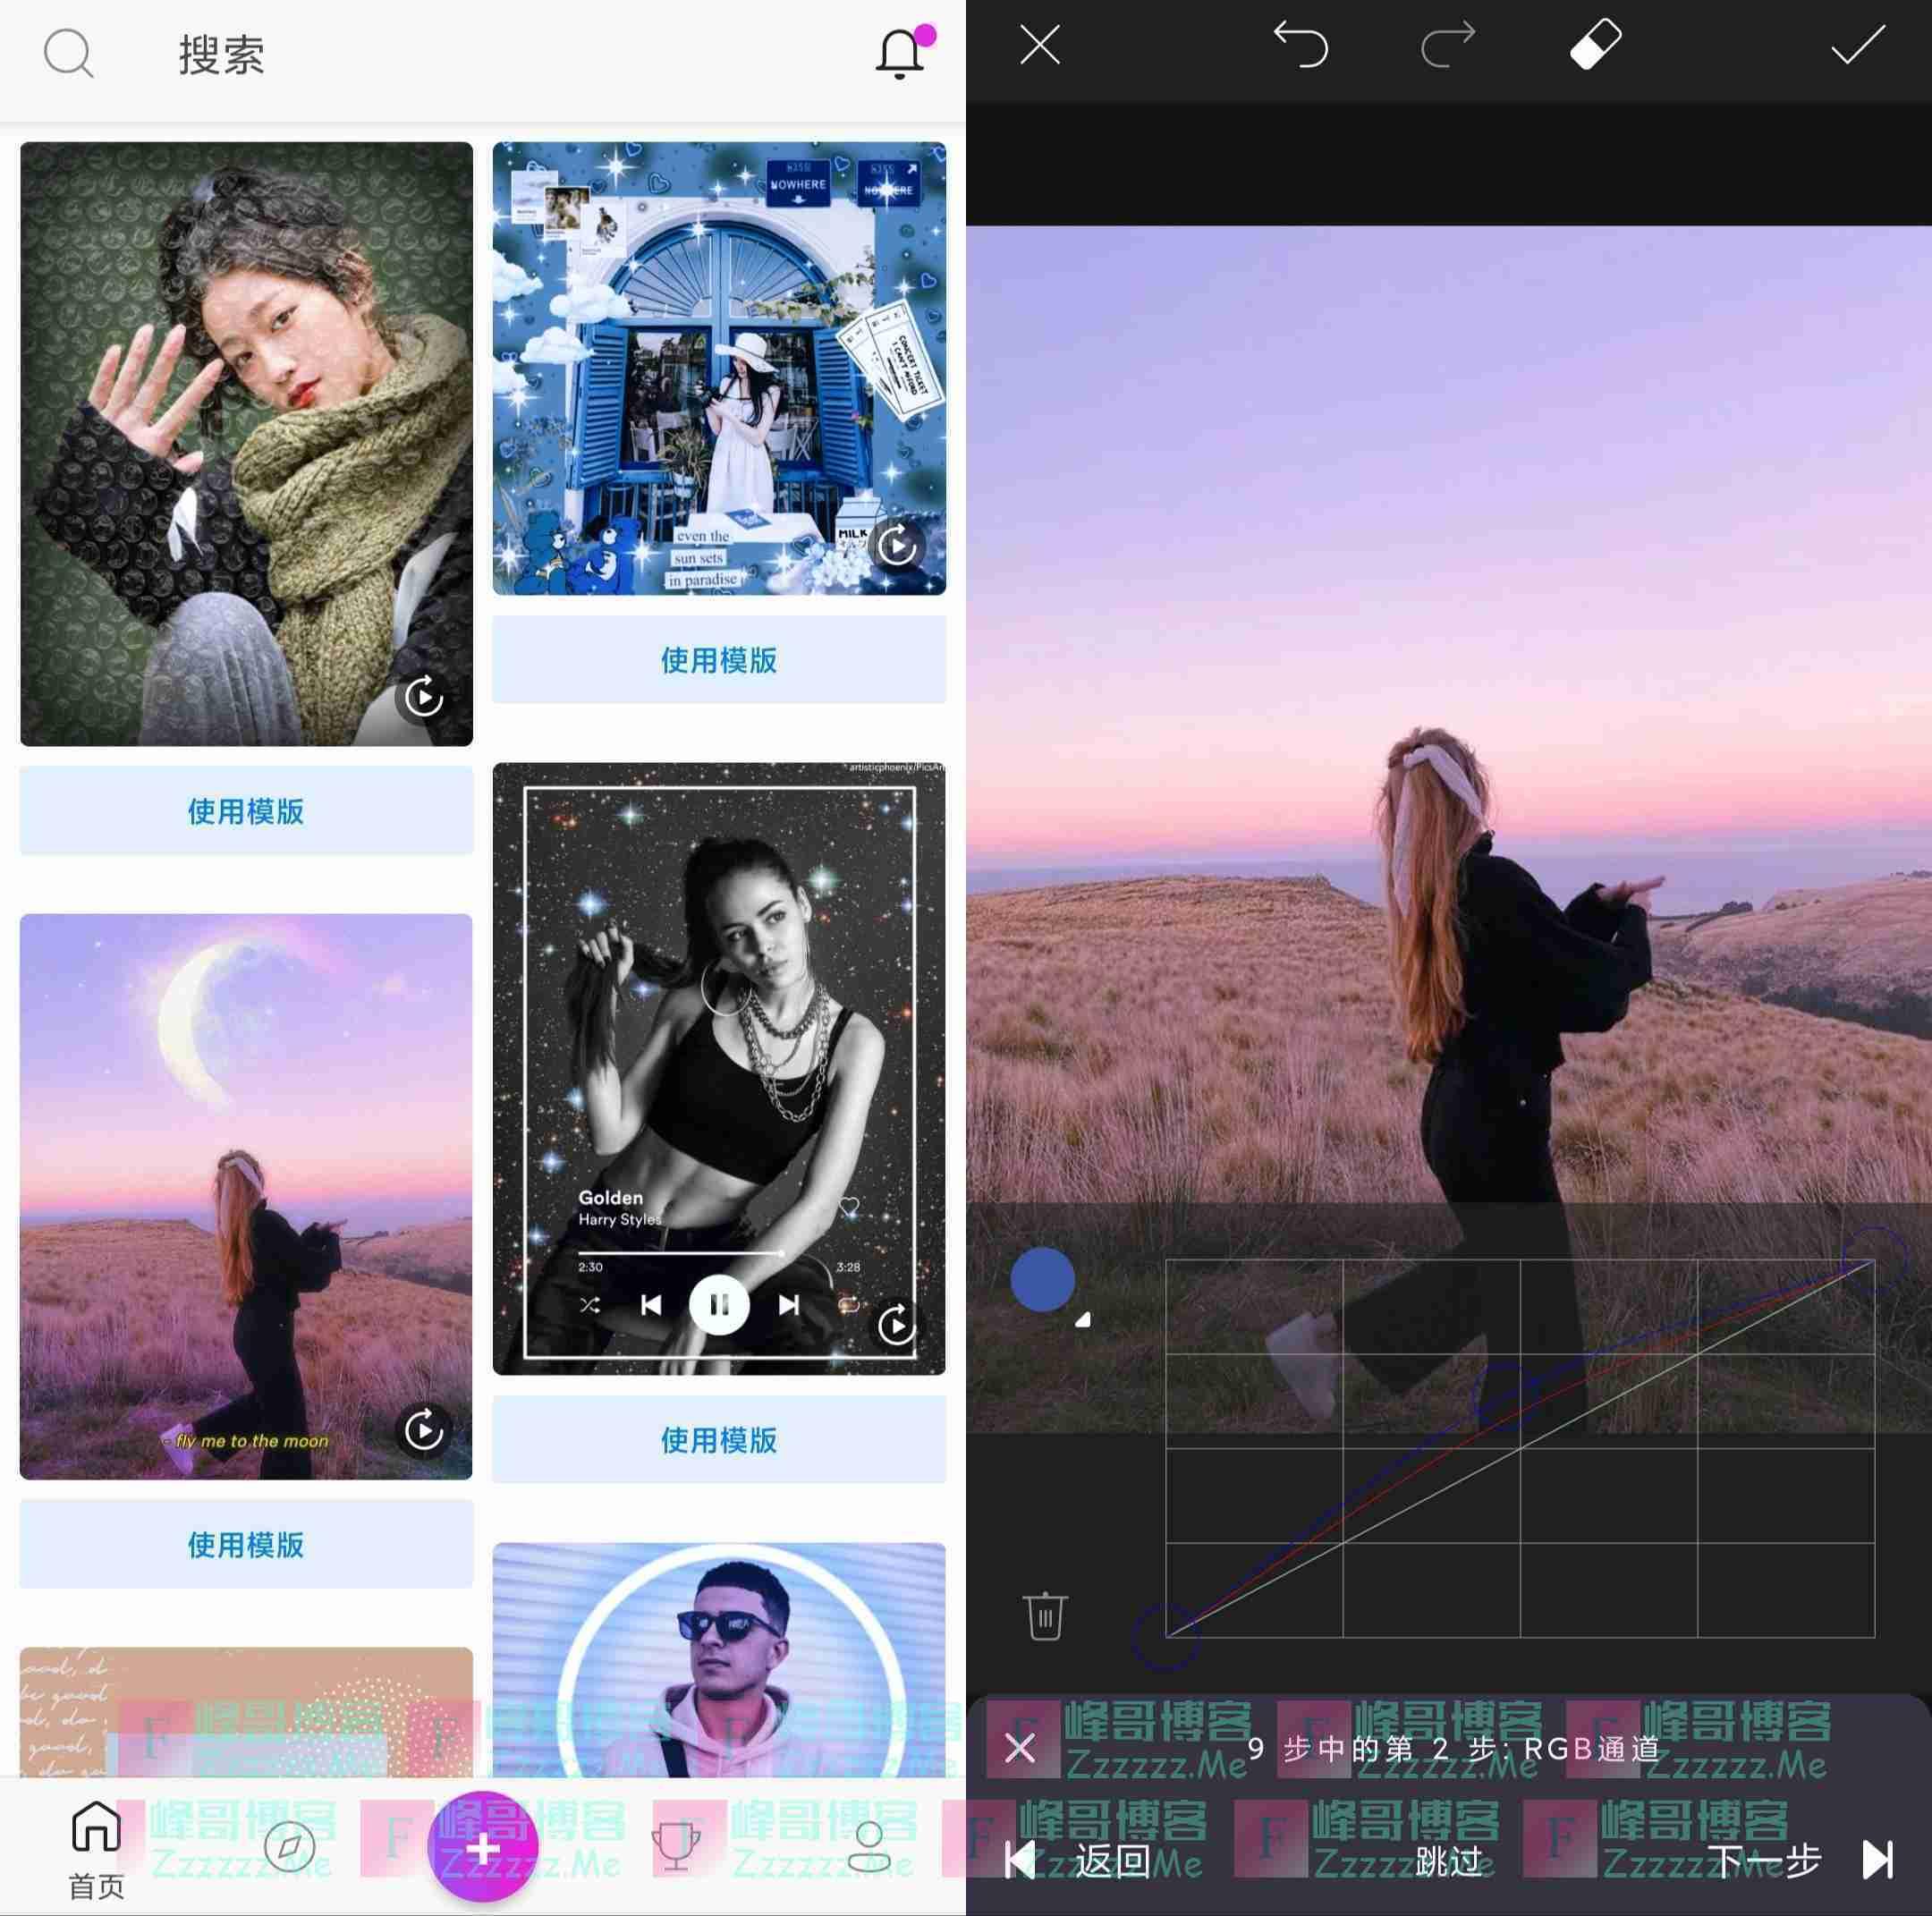 安卓PicsArt美易照片编辑V15.9.56 PicsArt美易照片编辑VIP会员破解版下载